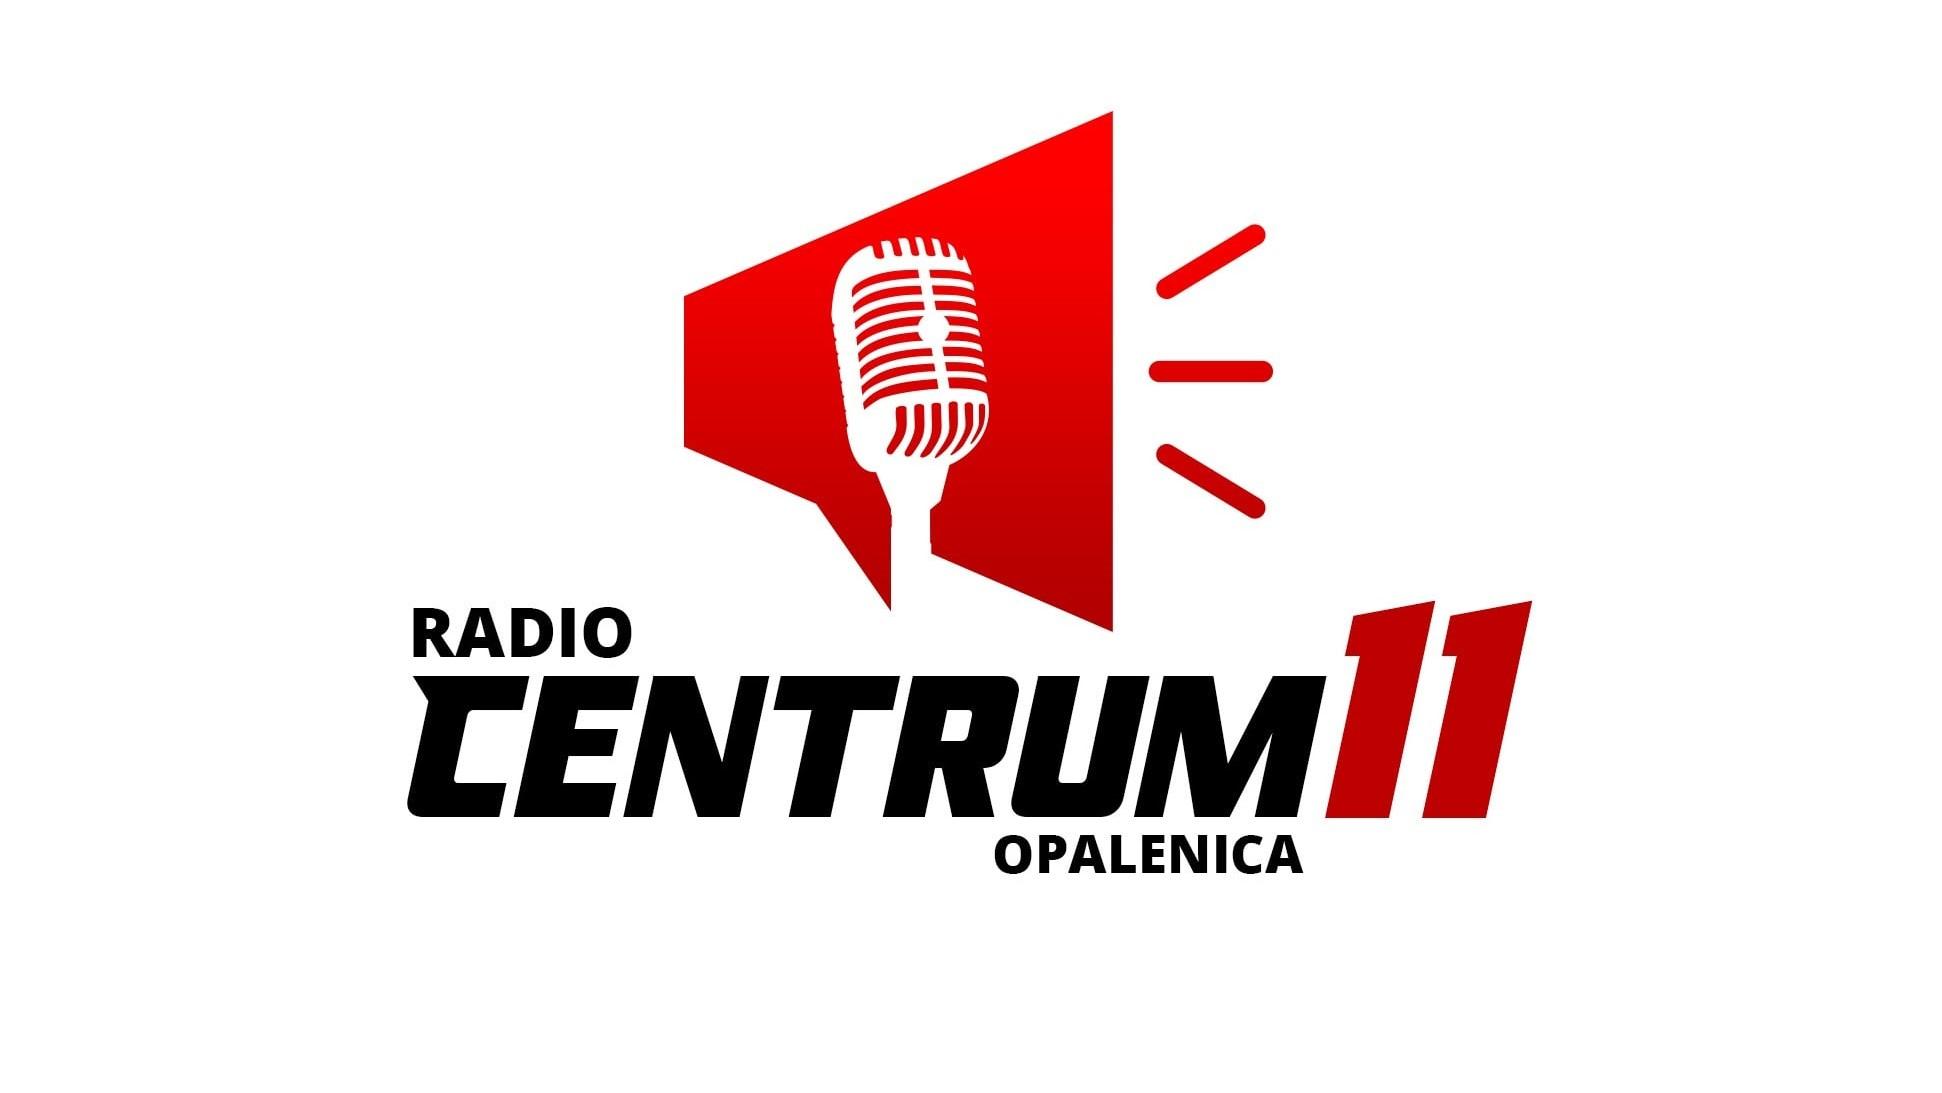 Logotyp Radio Centrum 11. Na białym tle czerwony megafon, a w nim narysowany biały mikrofon radiowy w starym stylu. czarny napis Radio centrum opalenica i czerwone 11